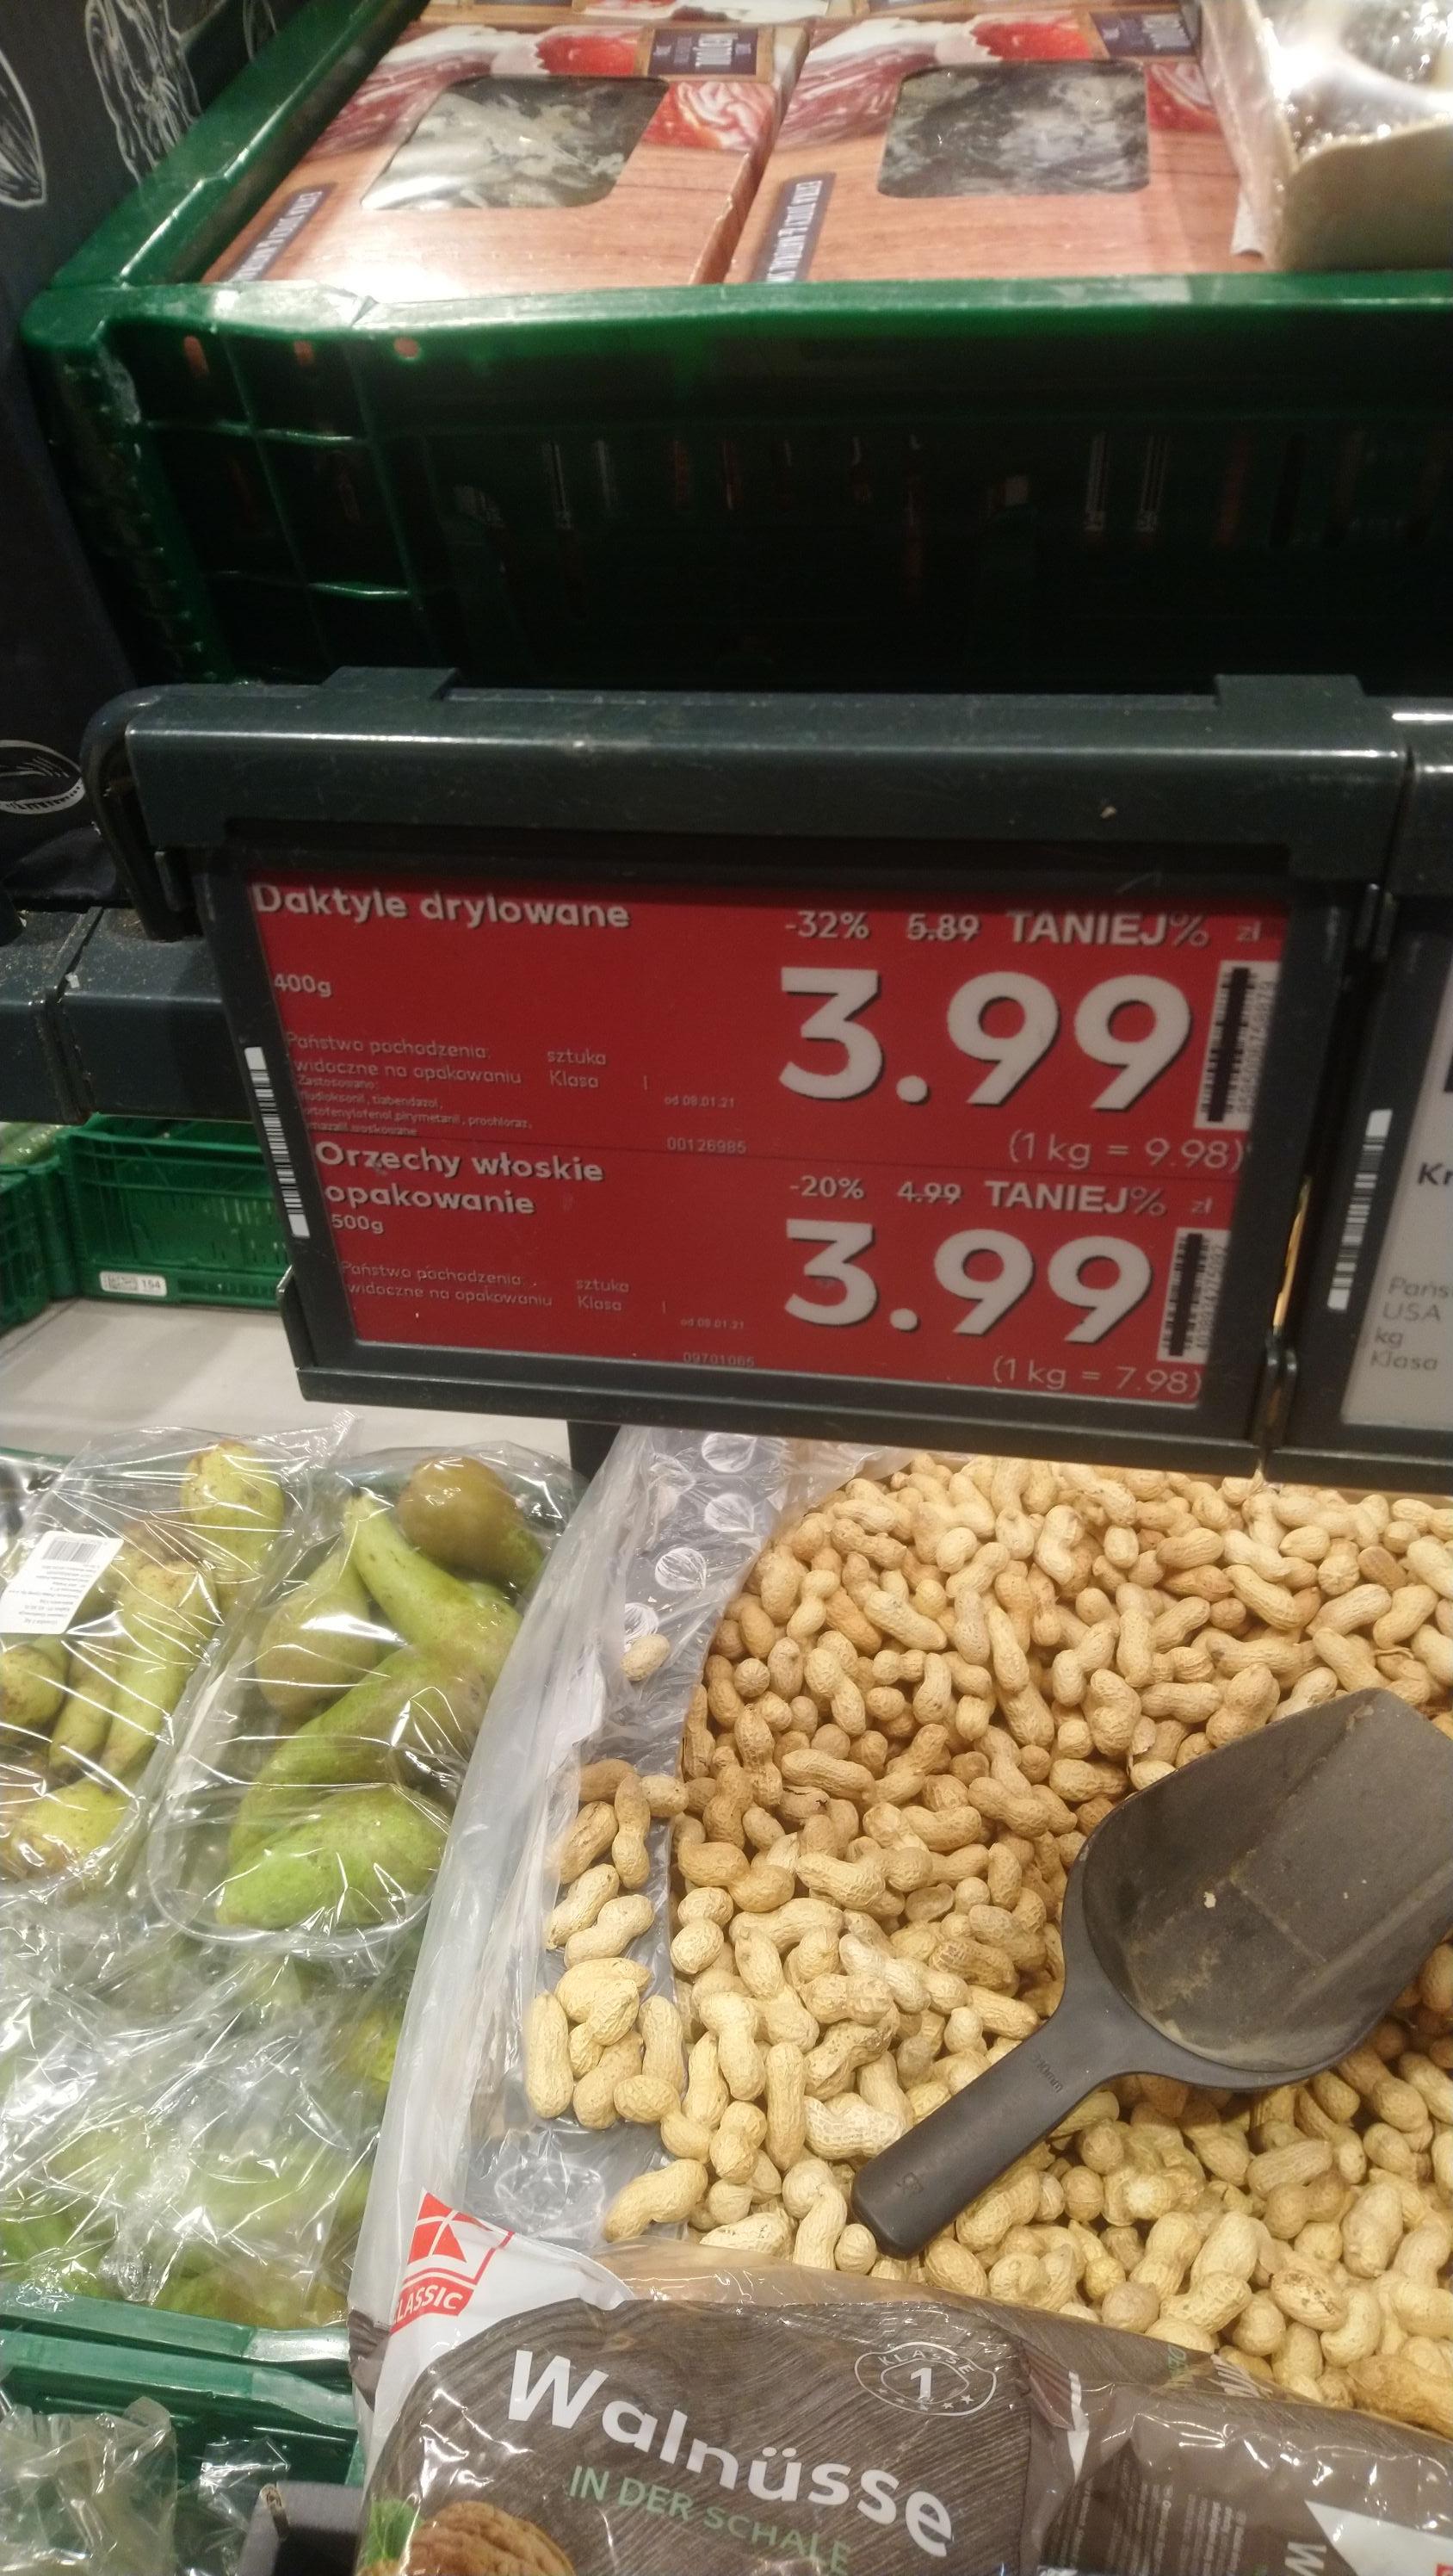 Daktyle drylowane 9,98 kg,Orzechy włoskie 0,5kg 3,99 zł, Kaufland Siemianowice